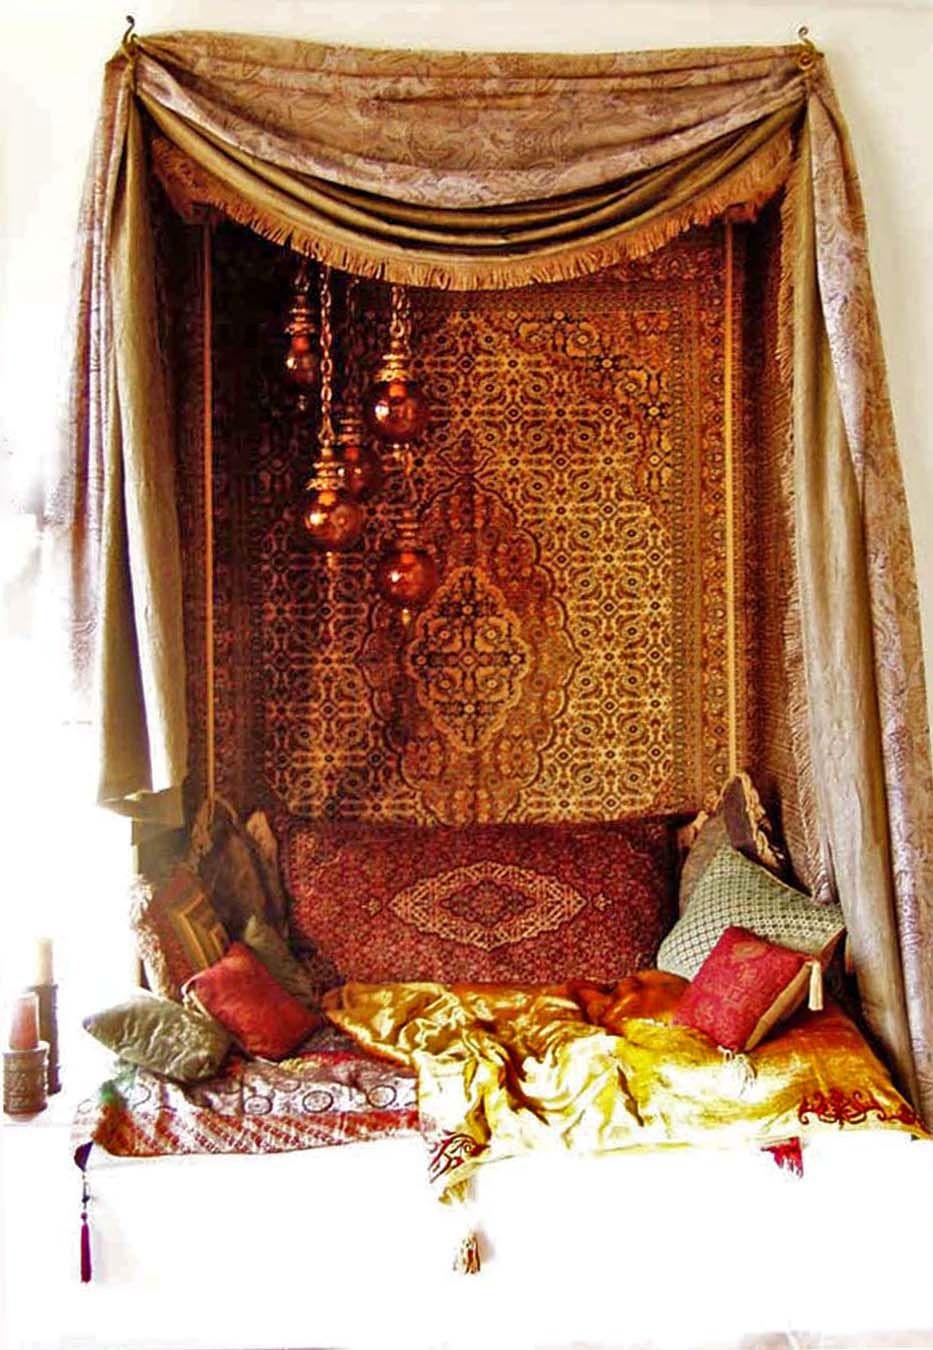 Moroccan Cozy!